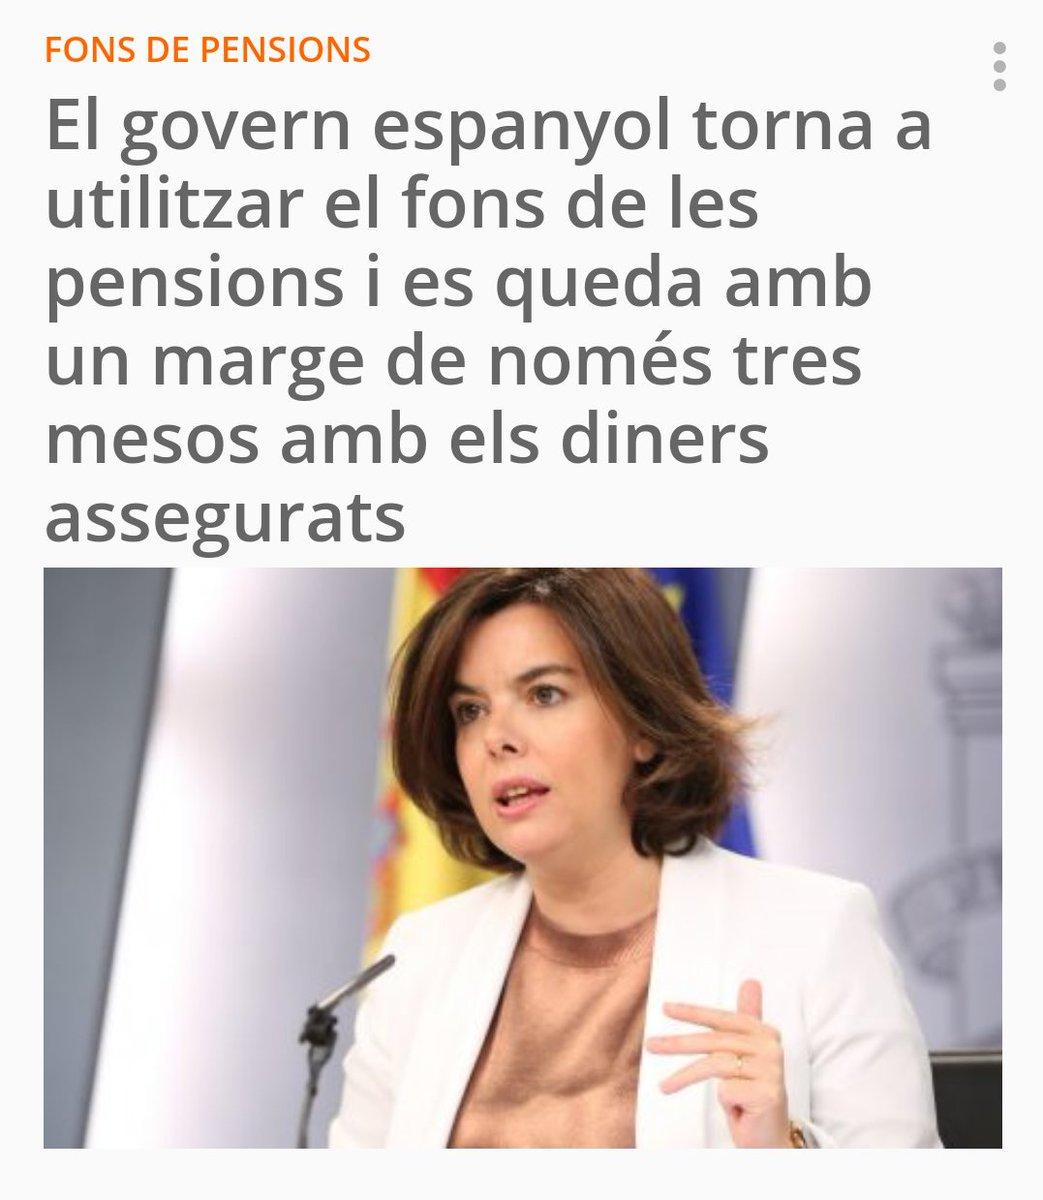 El govern espanyol torna a utilitzar el fons de les pensions i es queda amb un marge de només tres mesos amb els diners assegurats